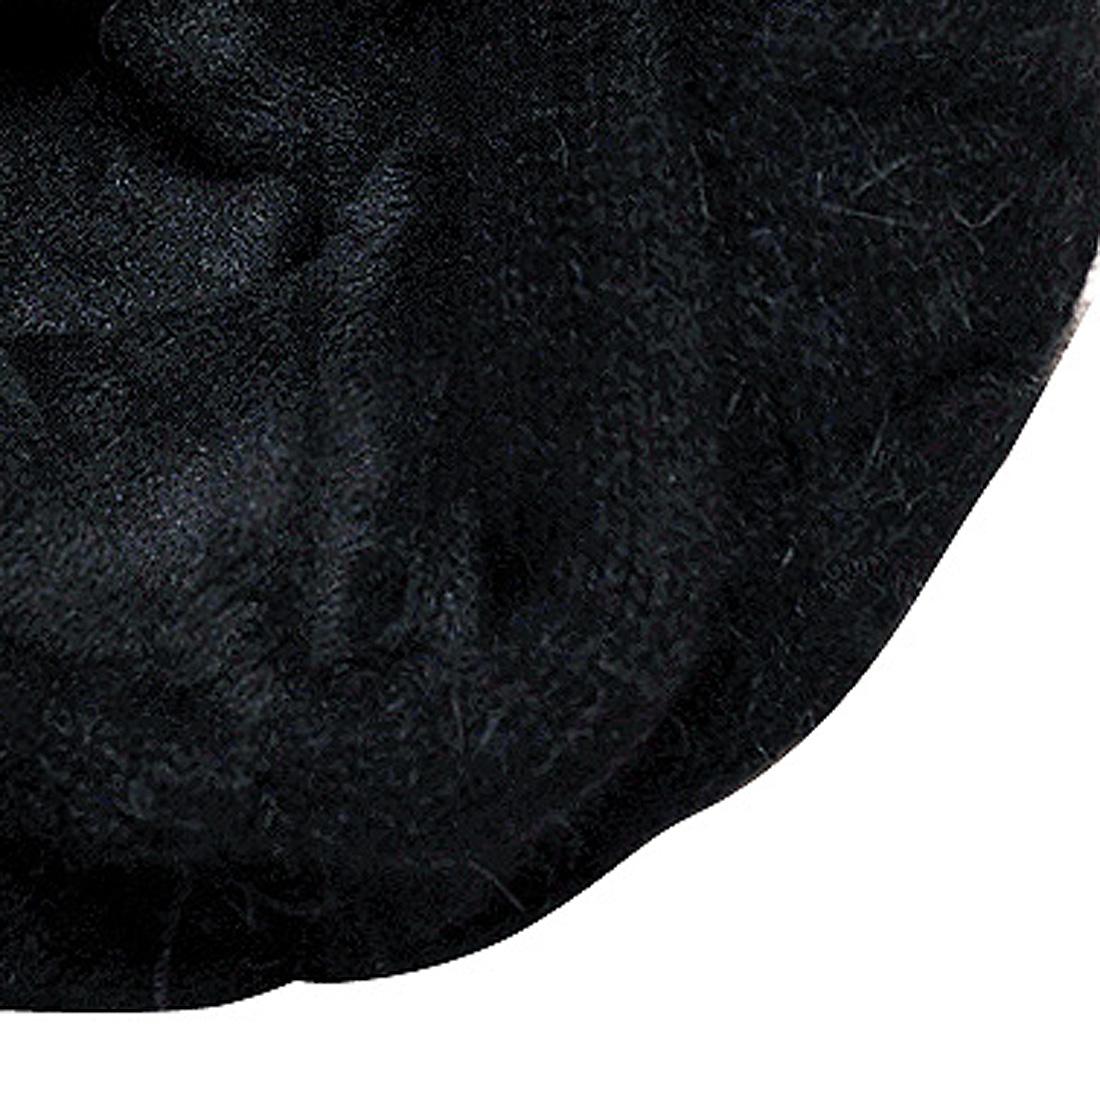 Mũ len thời trang cao cấp màu đen EH48-3